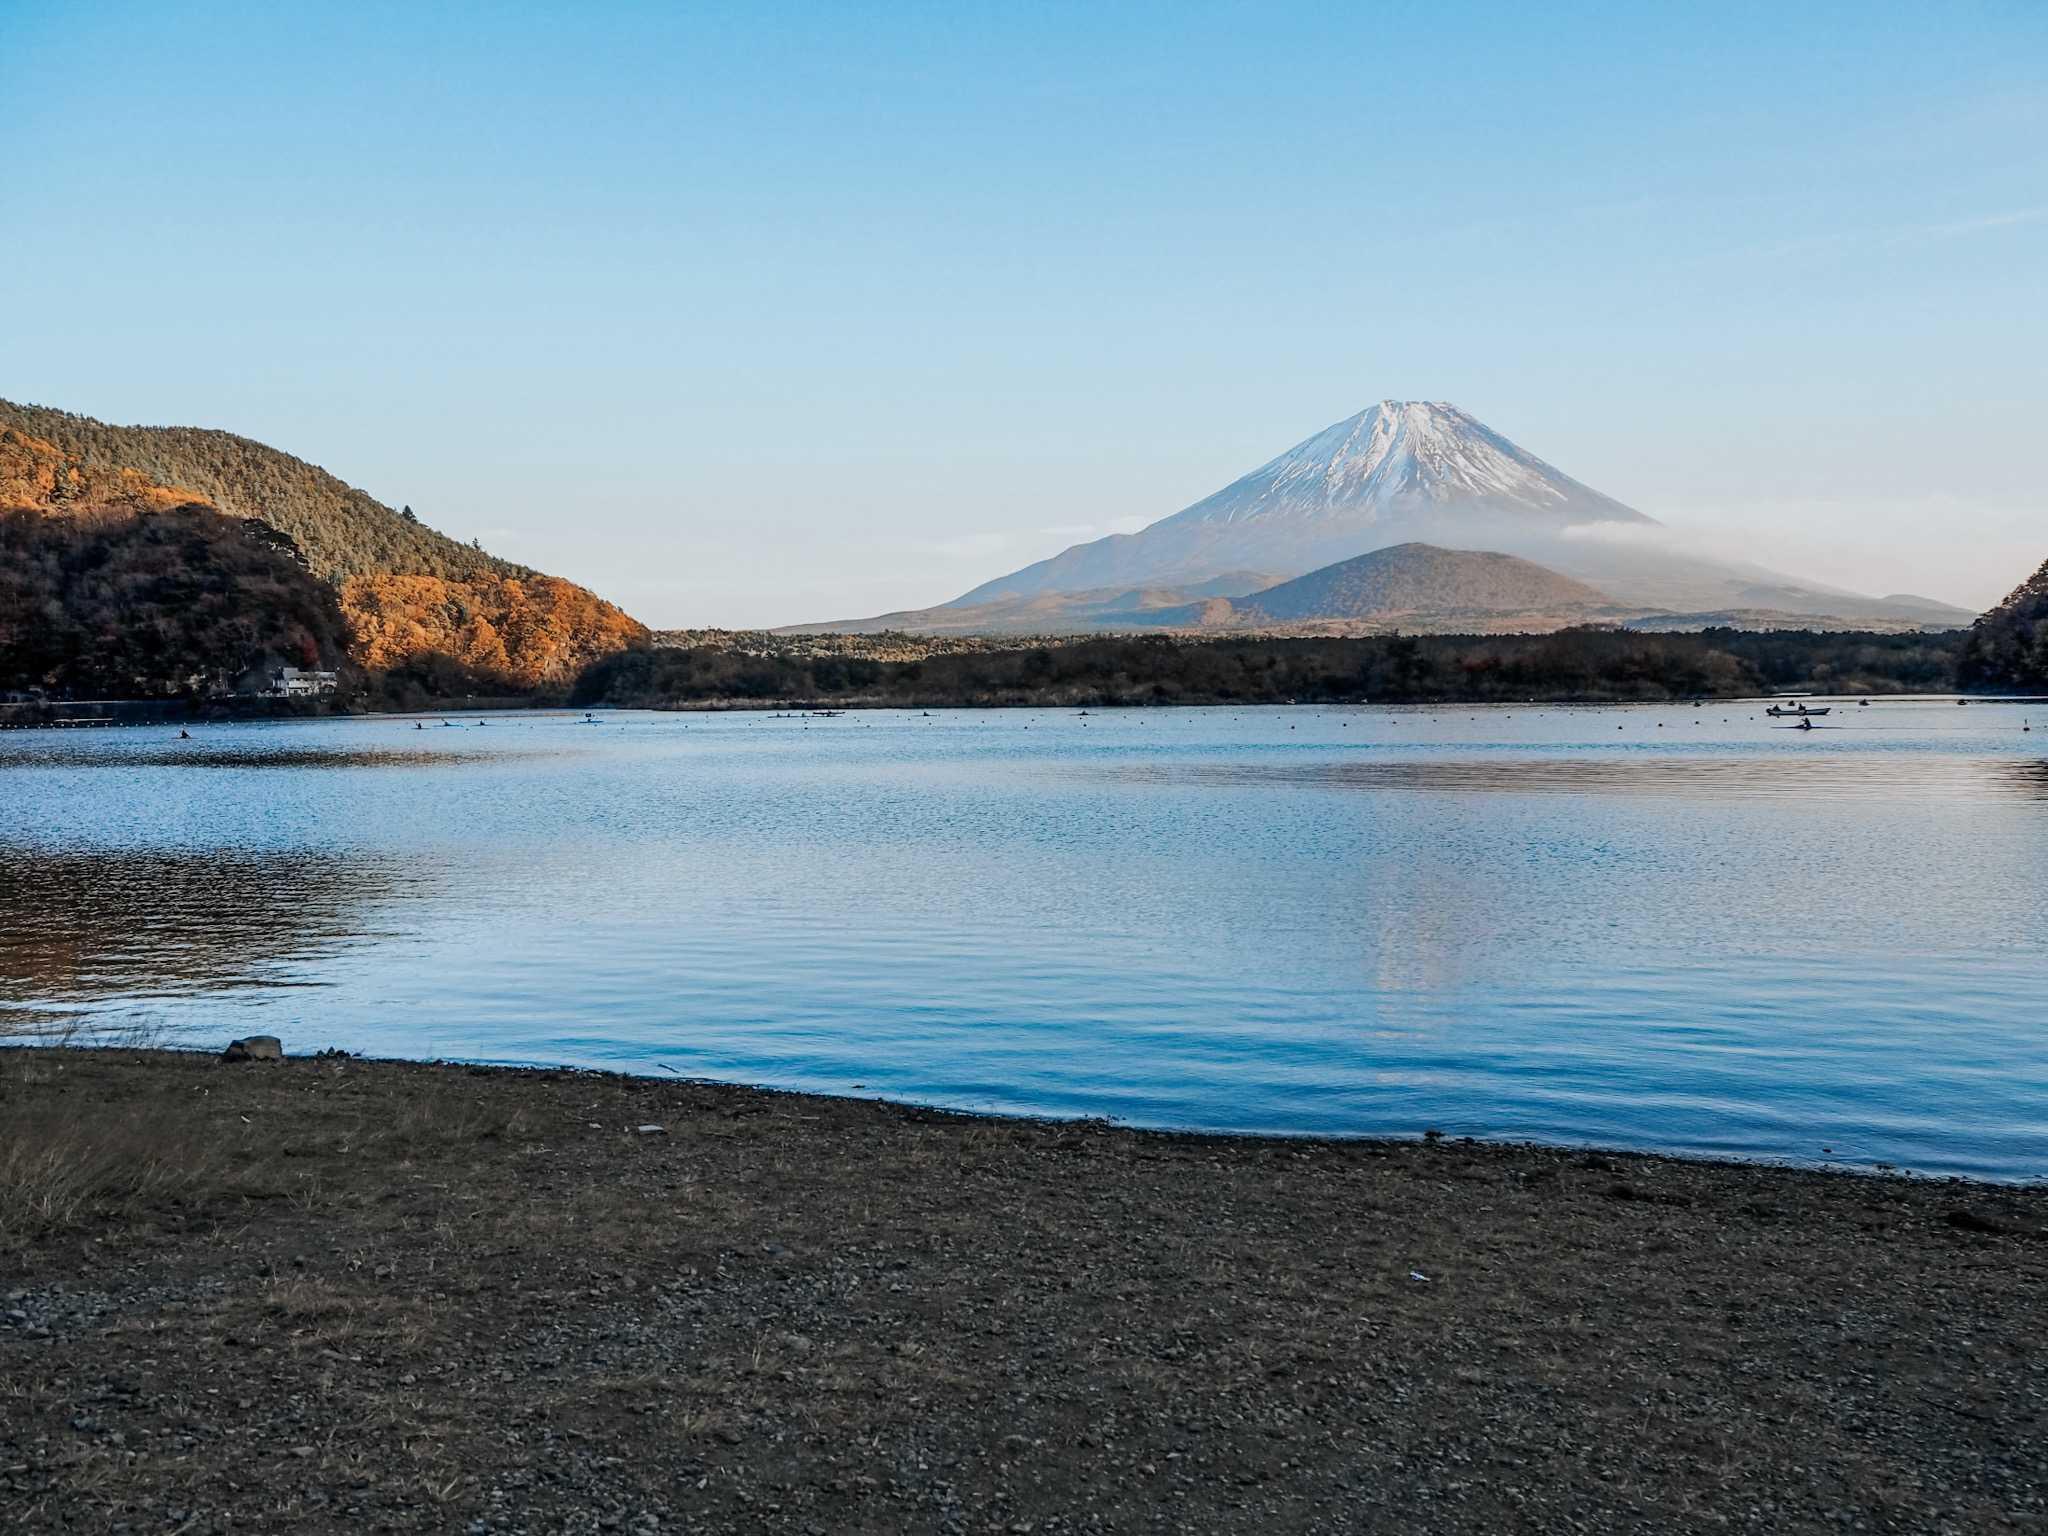 jezioro shoji góra omuro ifuji